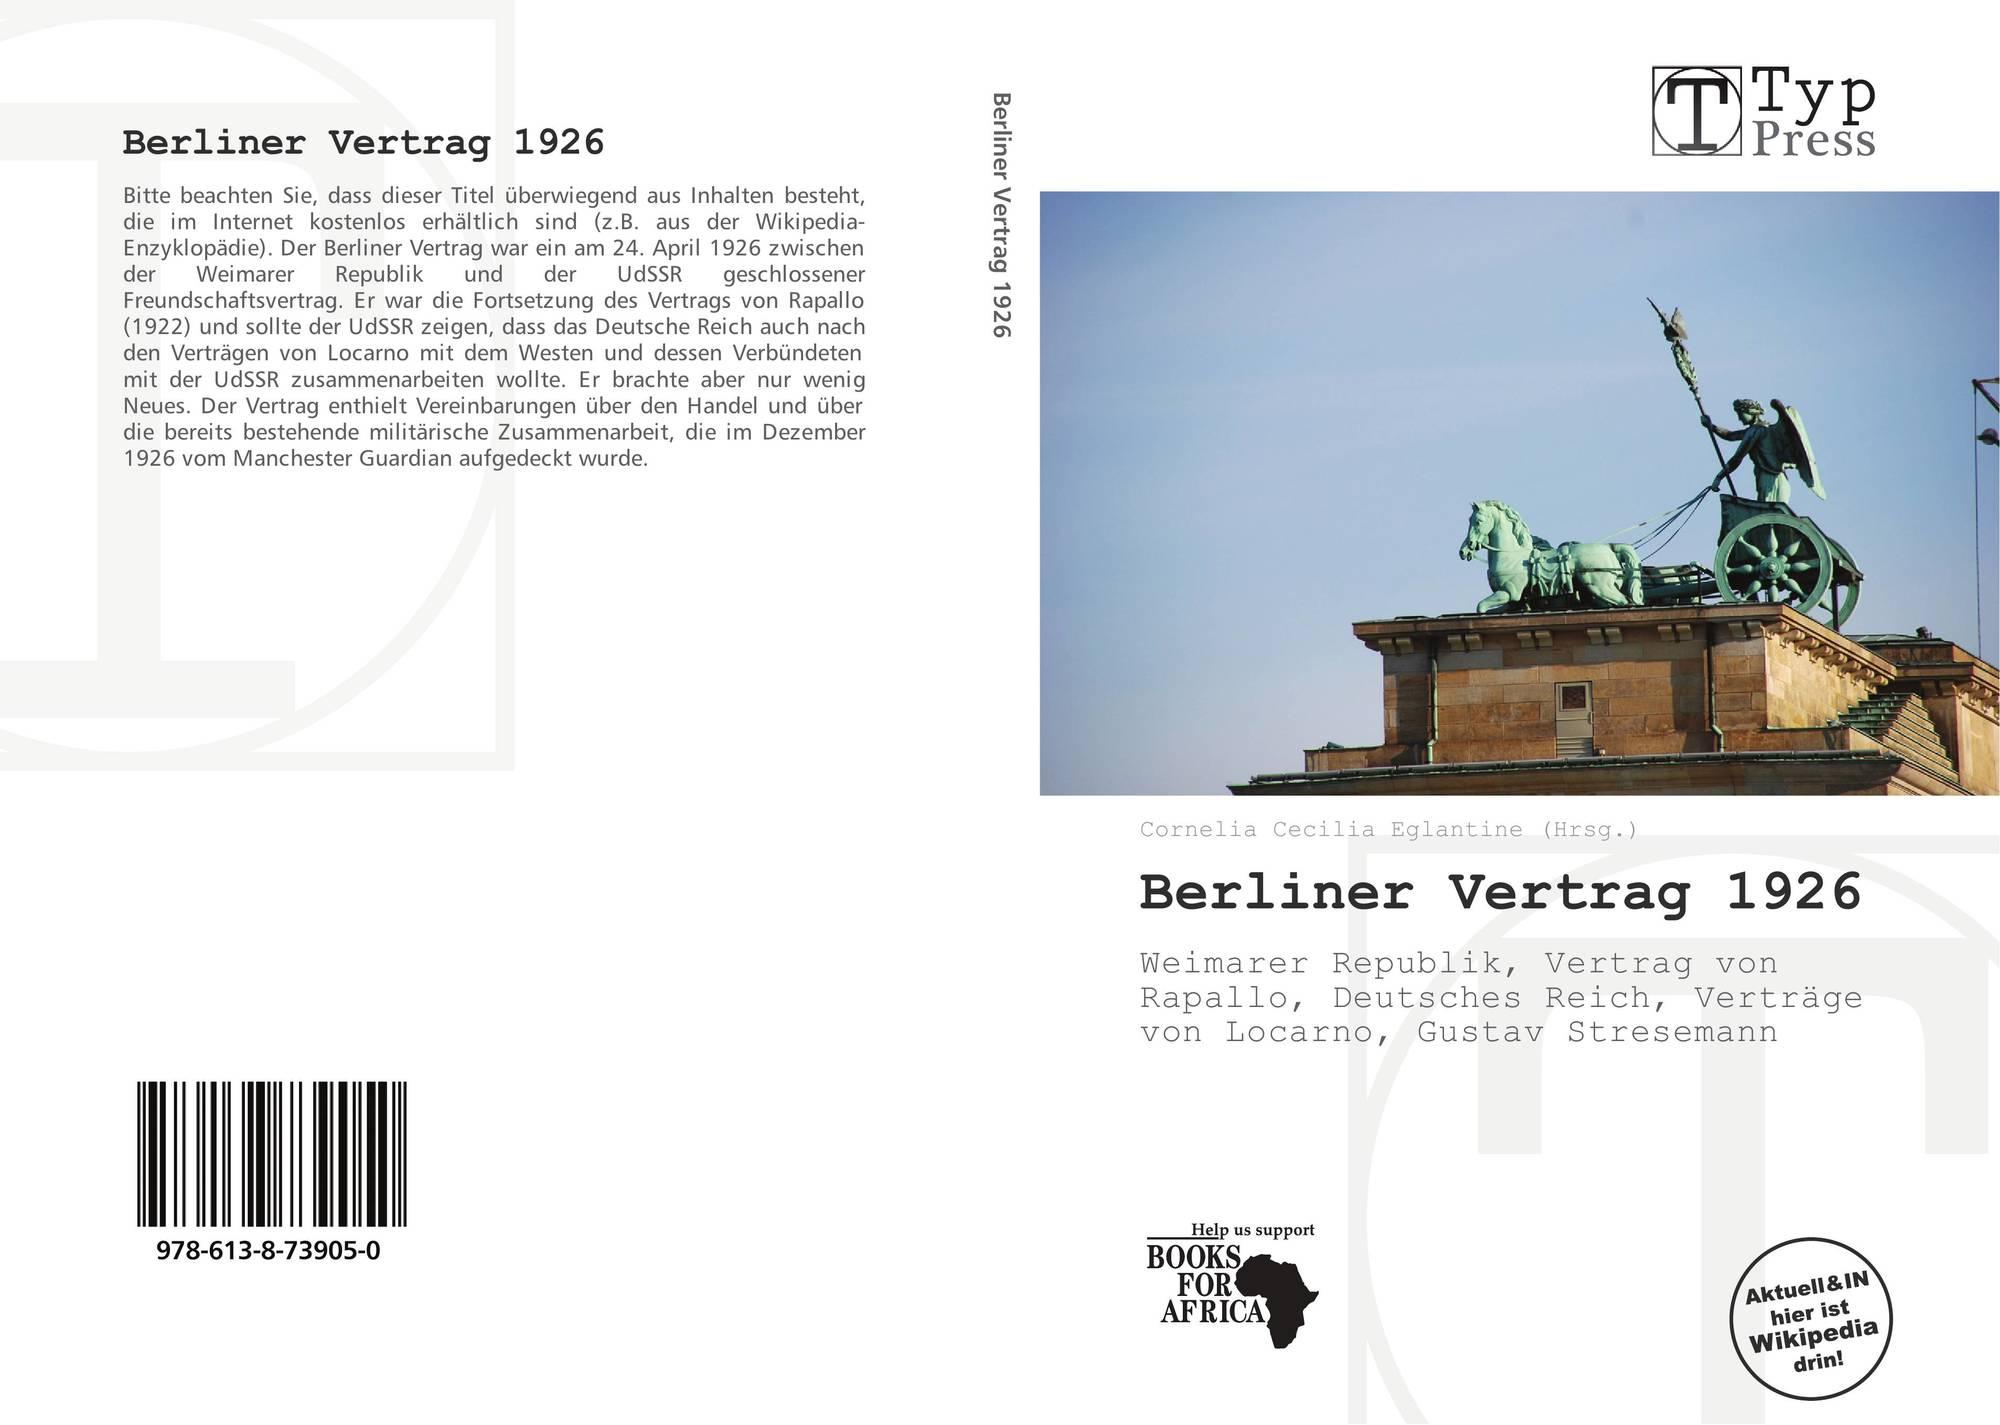 Berliner Vertrag